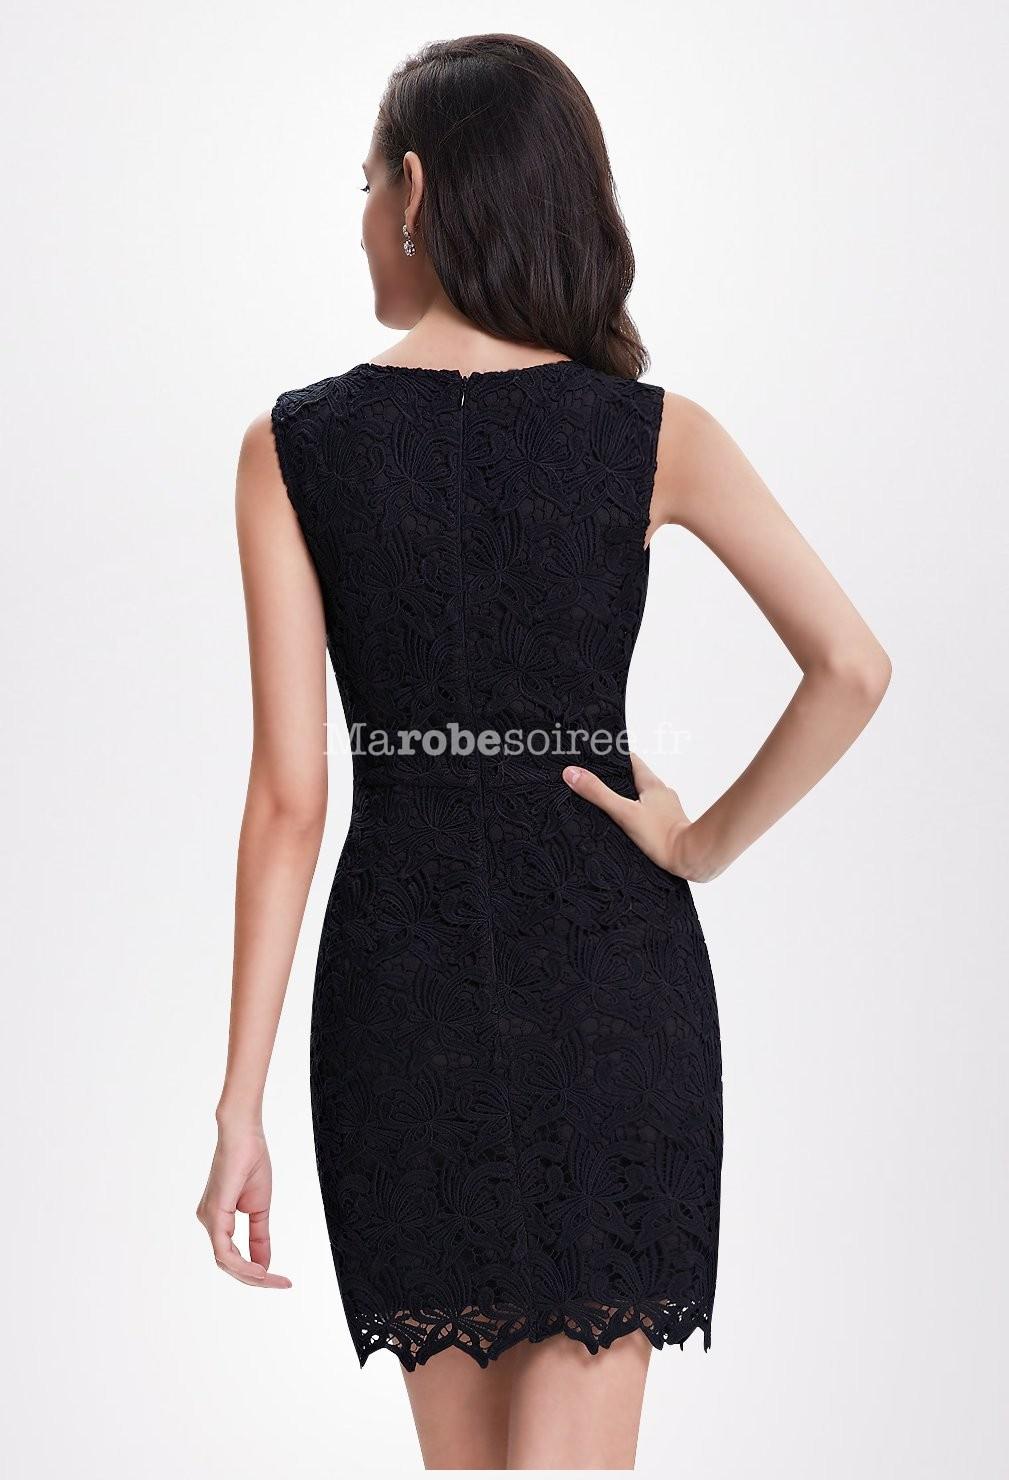 petite robe noire sobre en dentelle courte